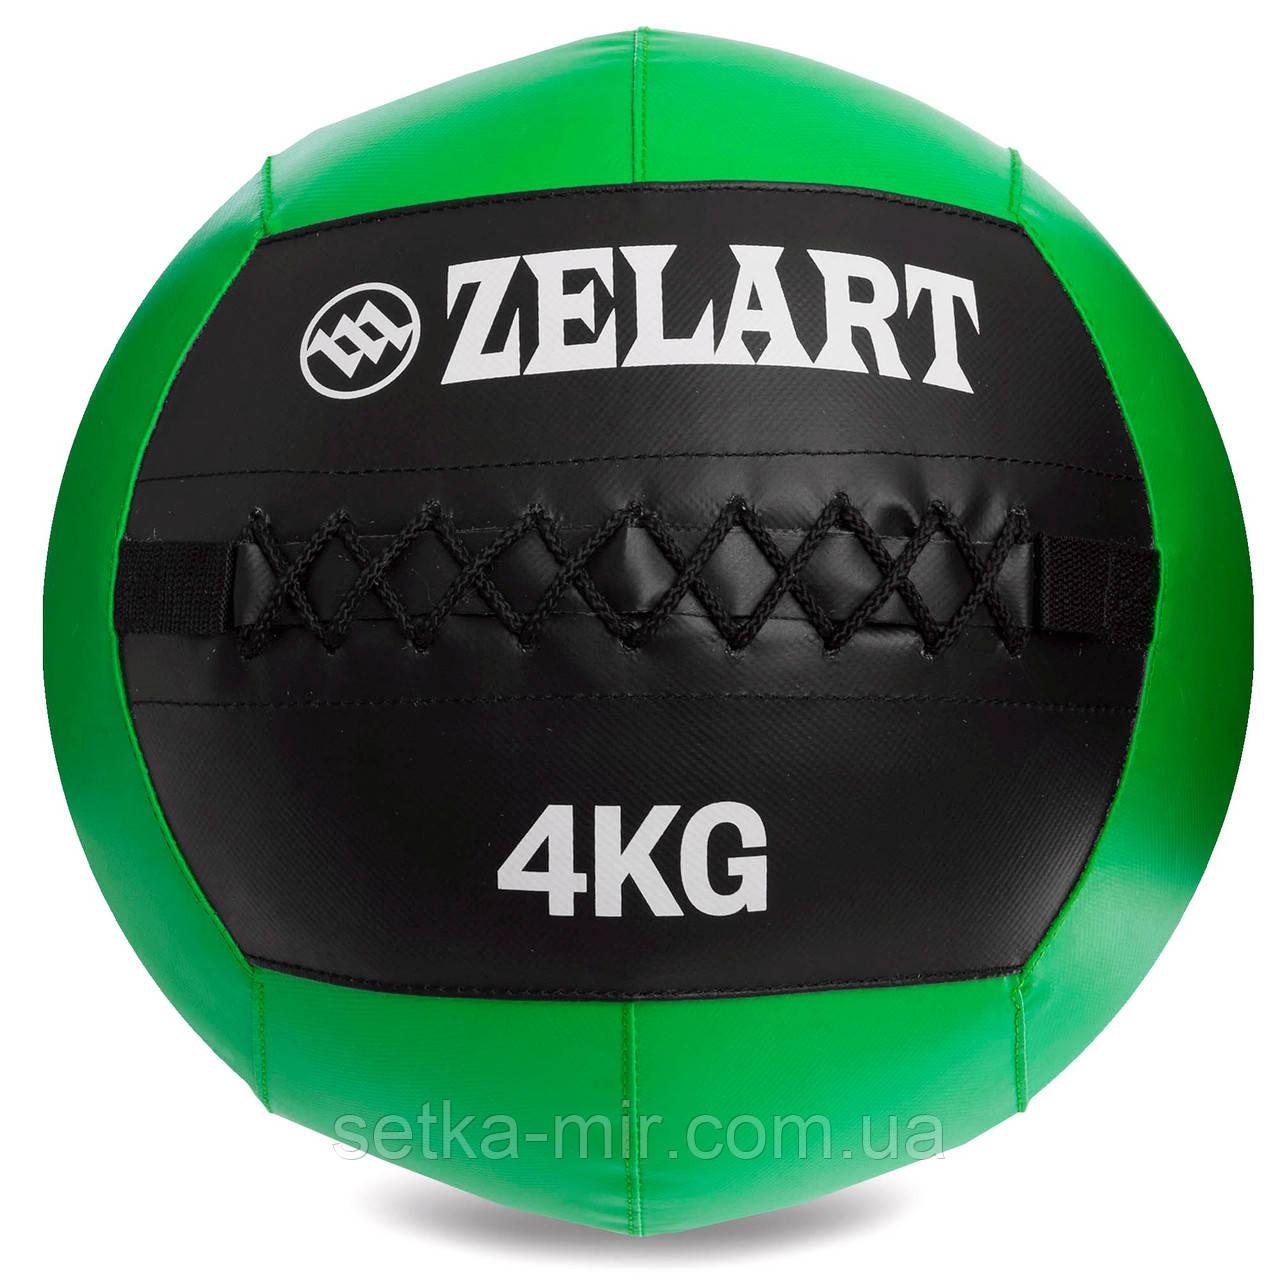 М'яч волбол для кроссфіта і фітнесу 4кг Zelart WALL BALL FI-5168-4